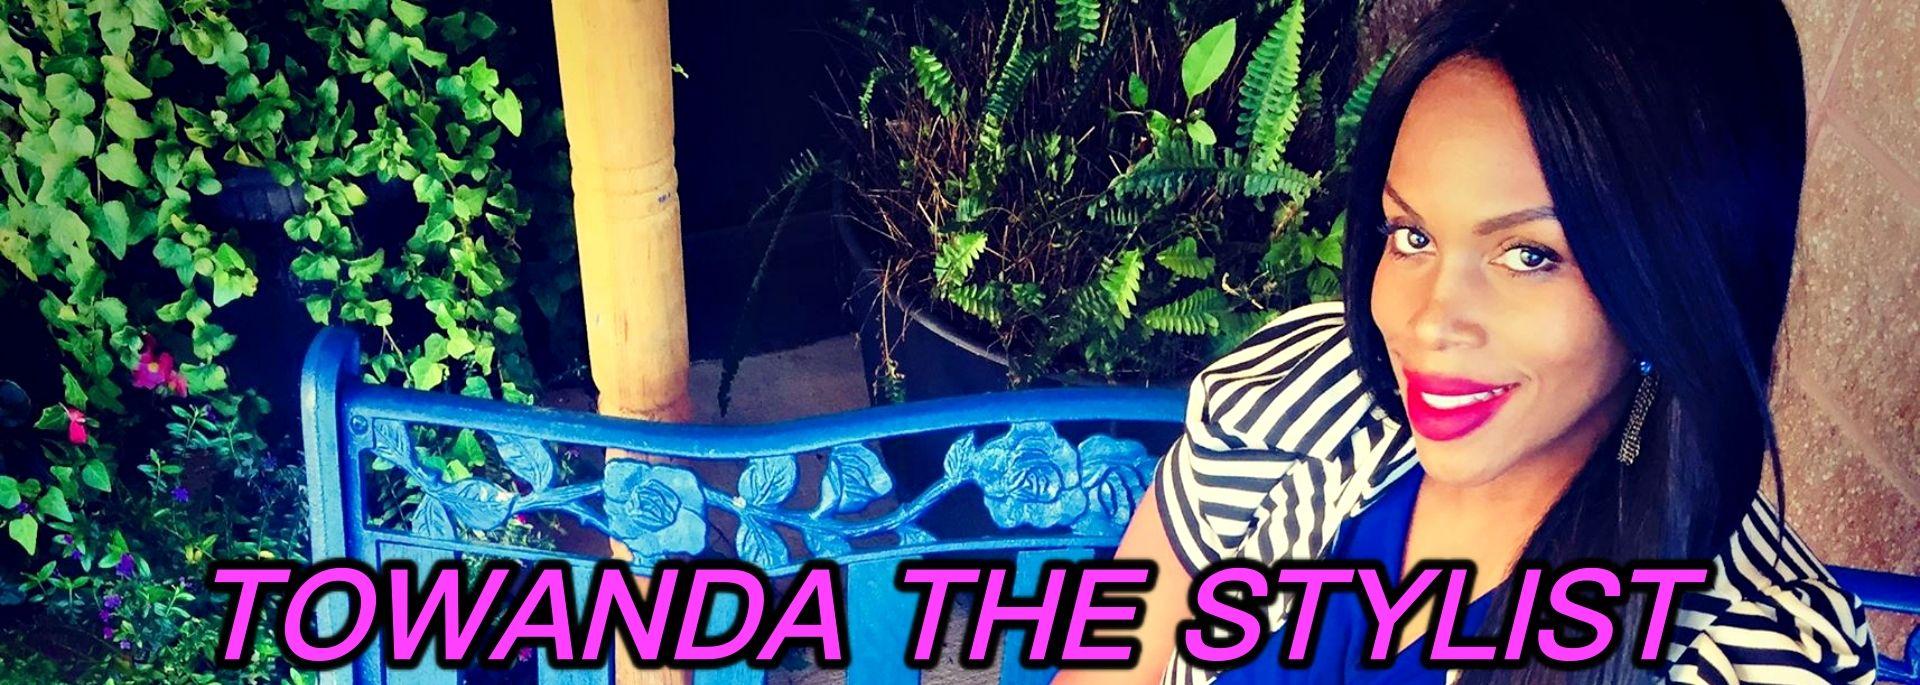 Towanda The Stylist channel